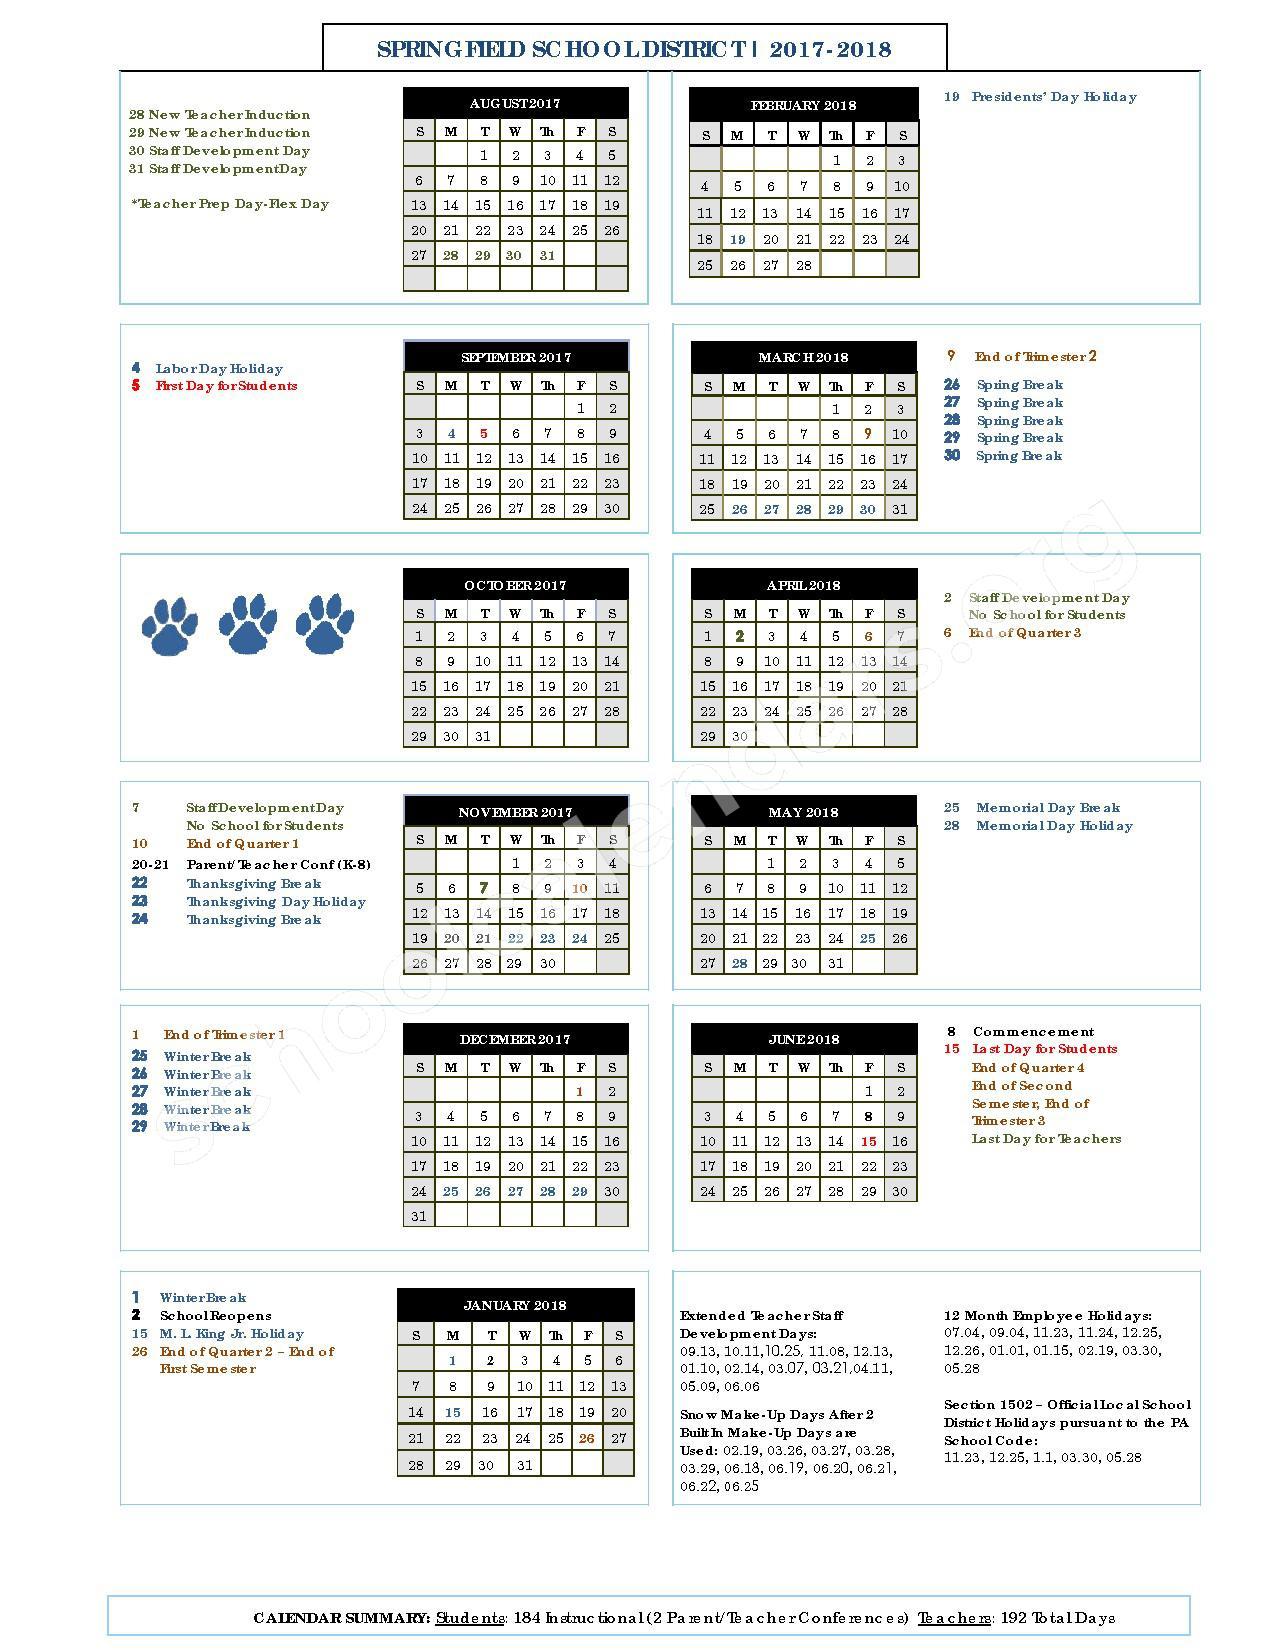 2017 - 2018 School Calendar – Springfield School District (Delaware County) – page 1